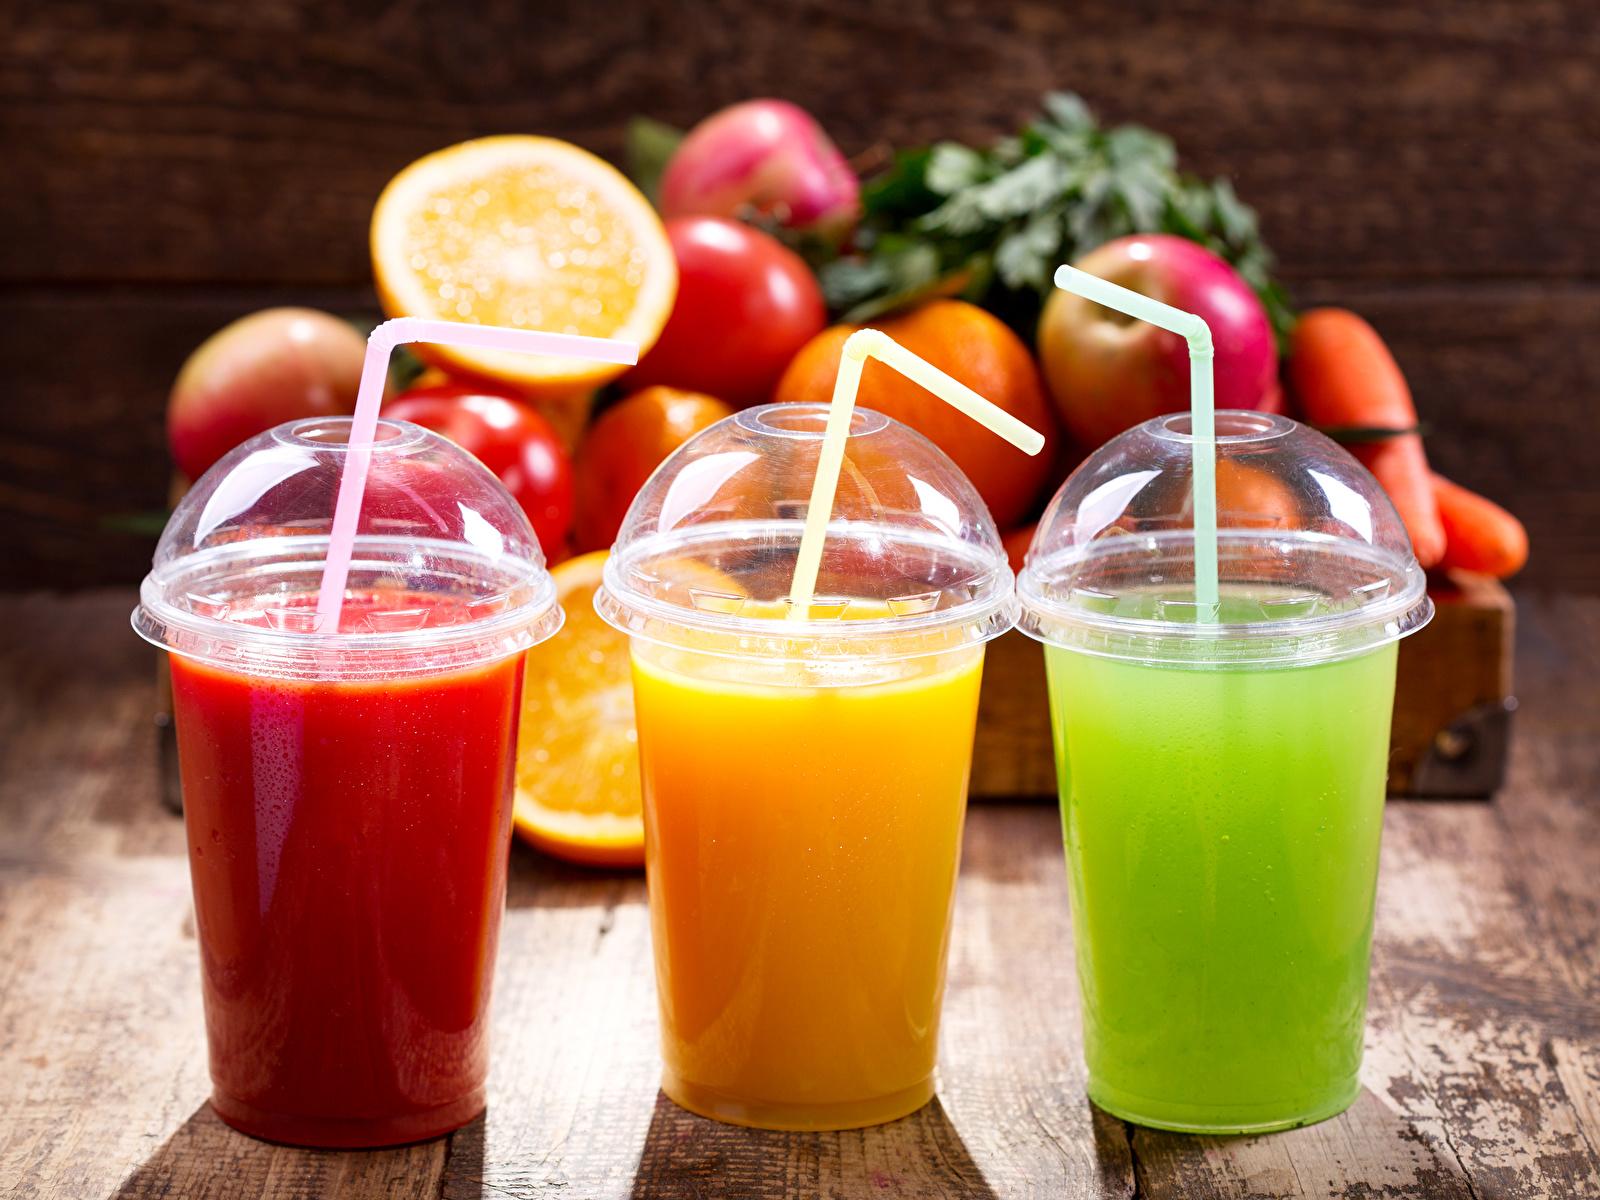 Картинки Сок Стакан Еда Трое 3 Фрукты 1600x1200 стакана стакане три Пища втроем Продукты питания